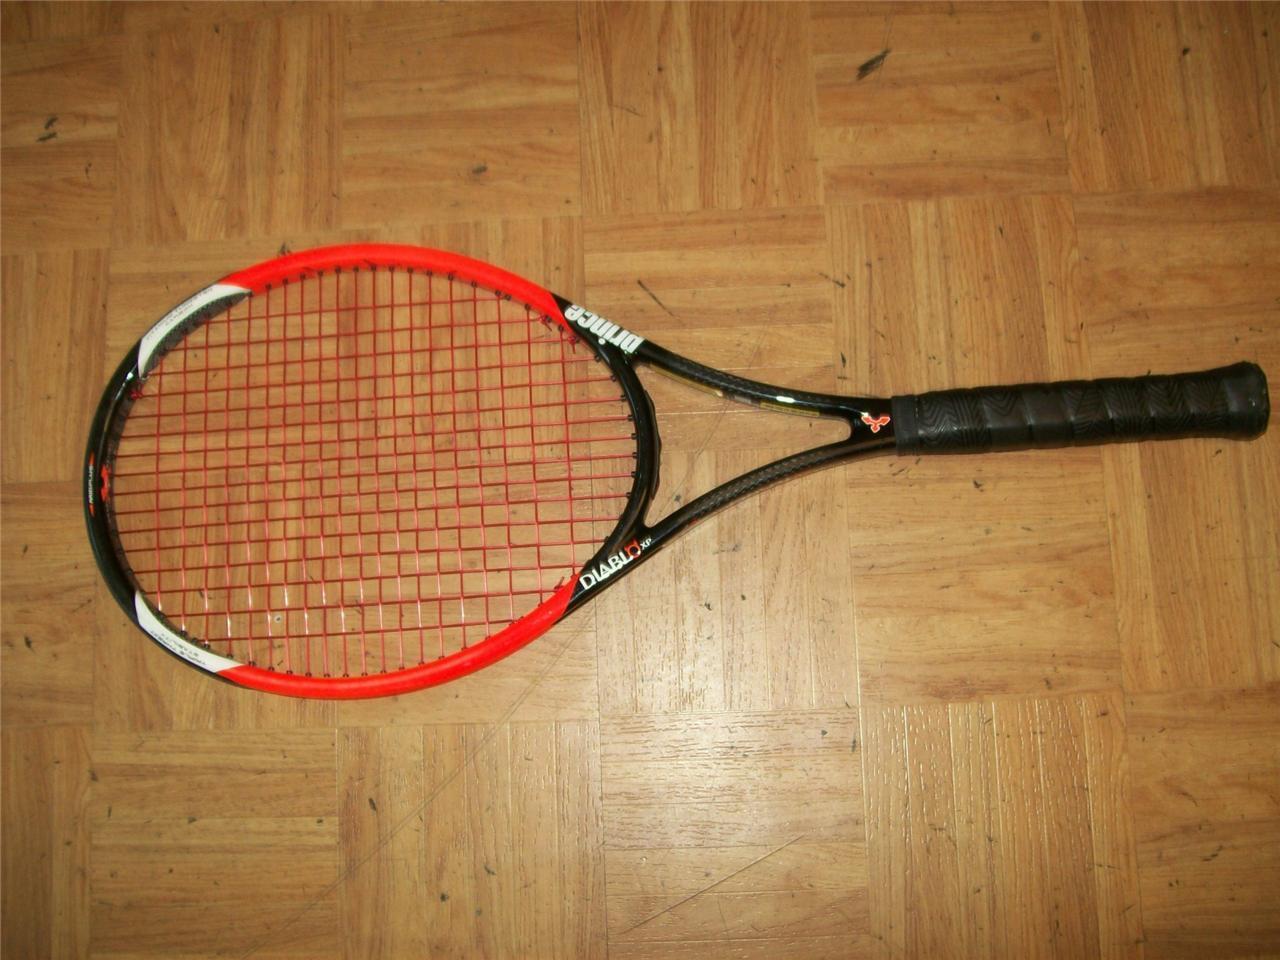 Head LITE Racquet 240 Midplus 102 4 5/8 grip Tennis Racquet LITE 7269d7